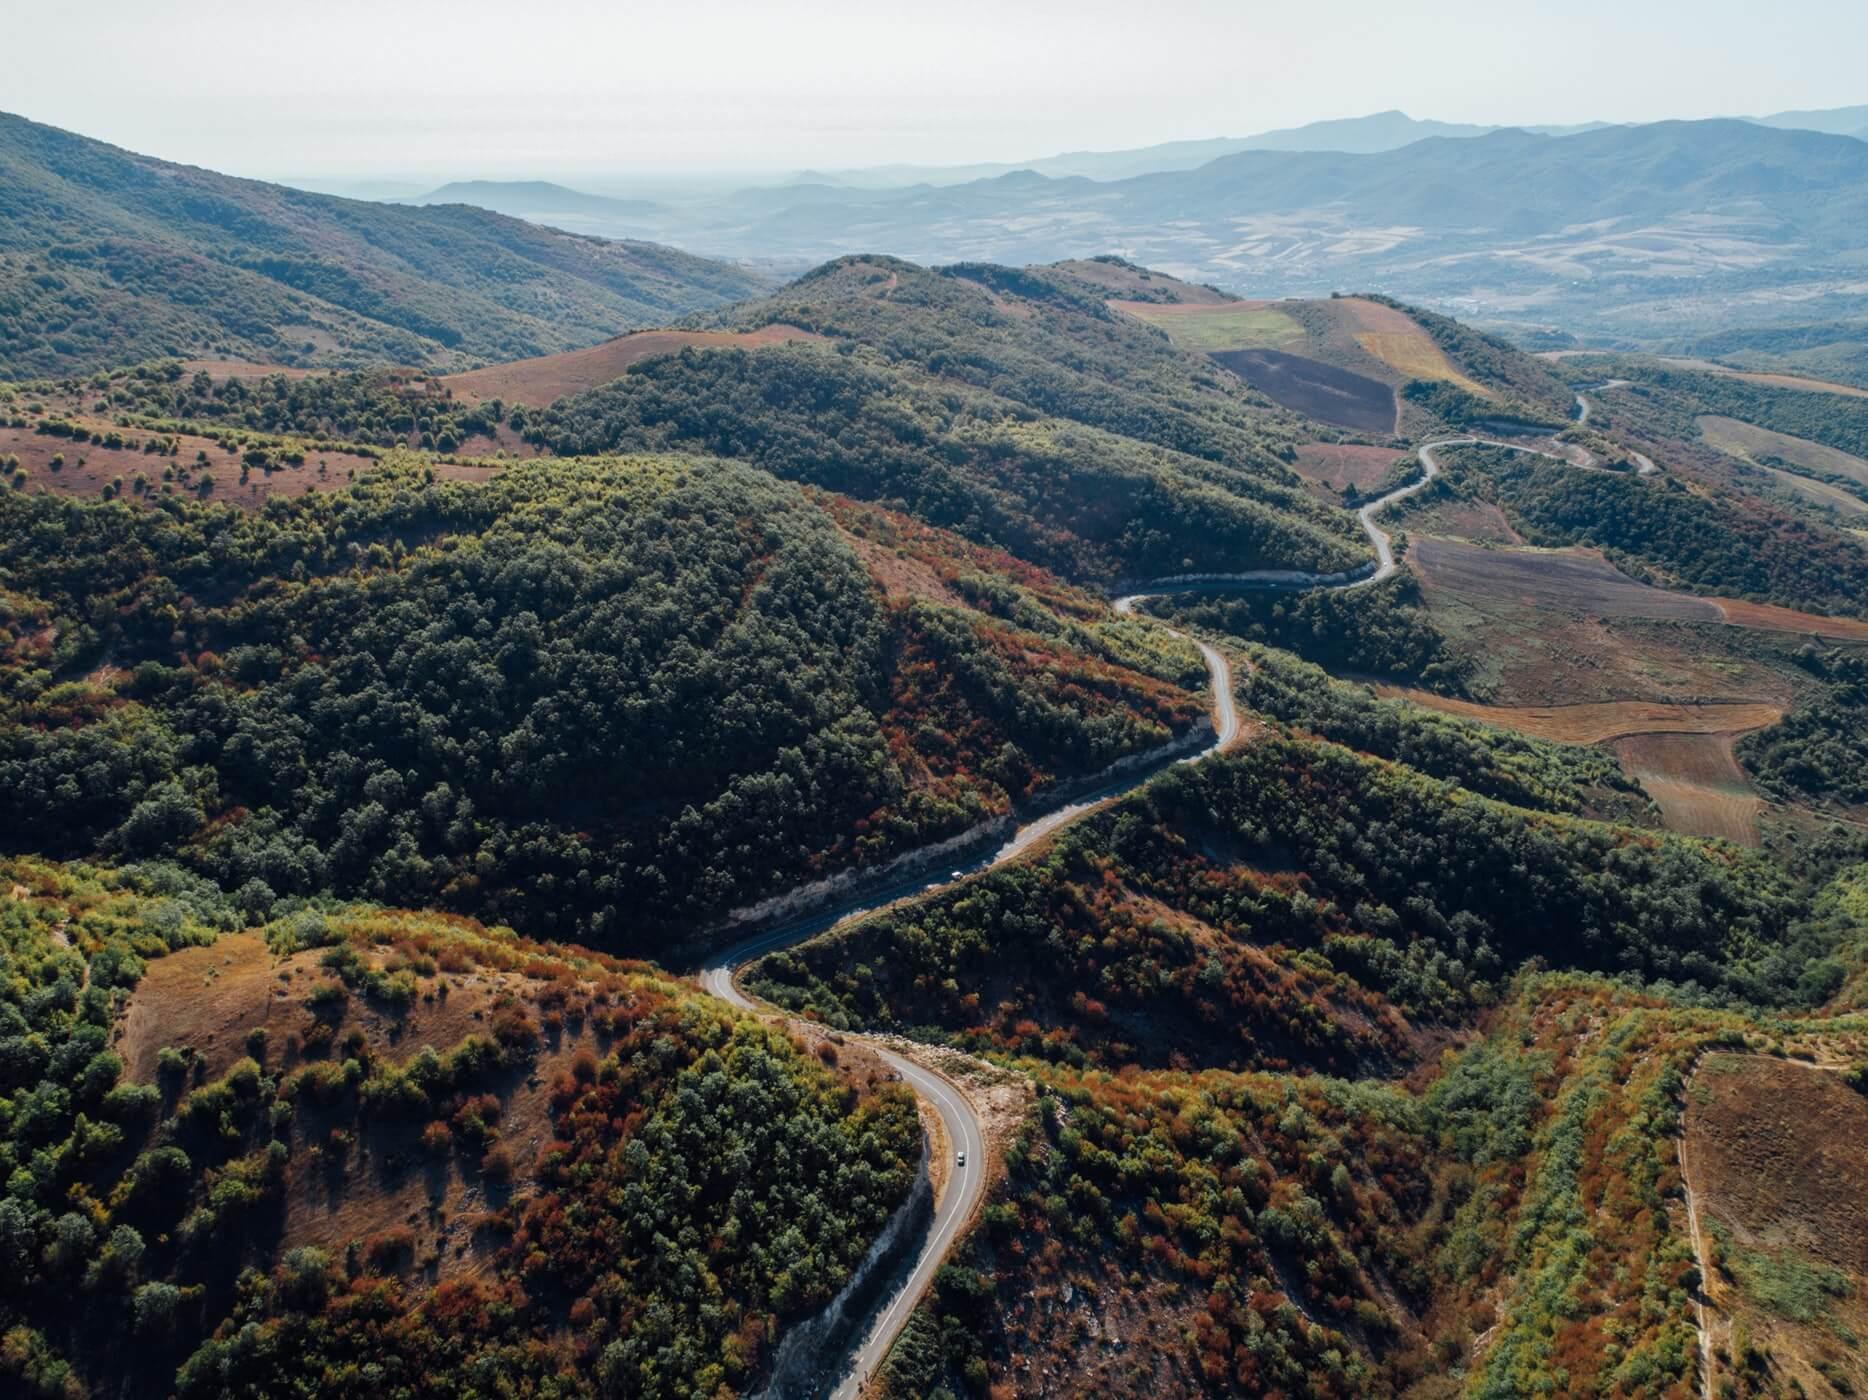 Как коньяк спас жизнь: диванные предрассудки про Армению